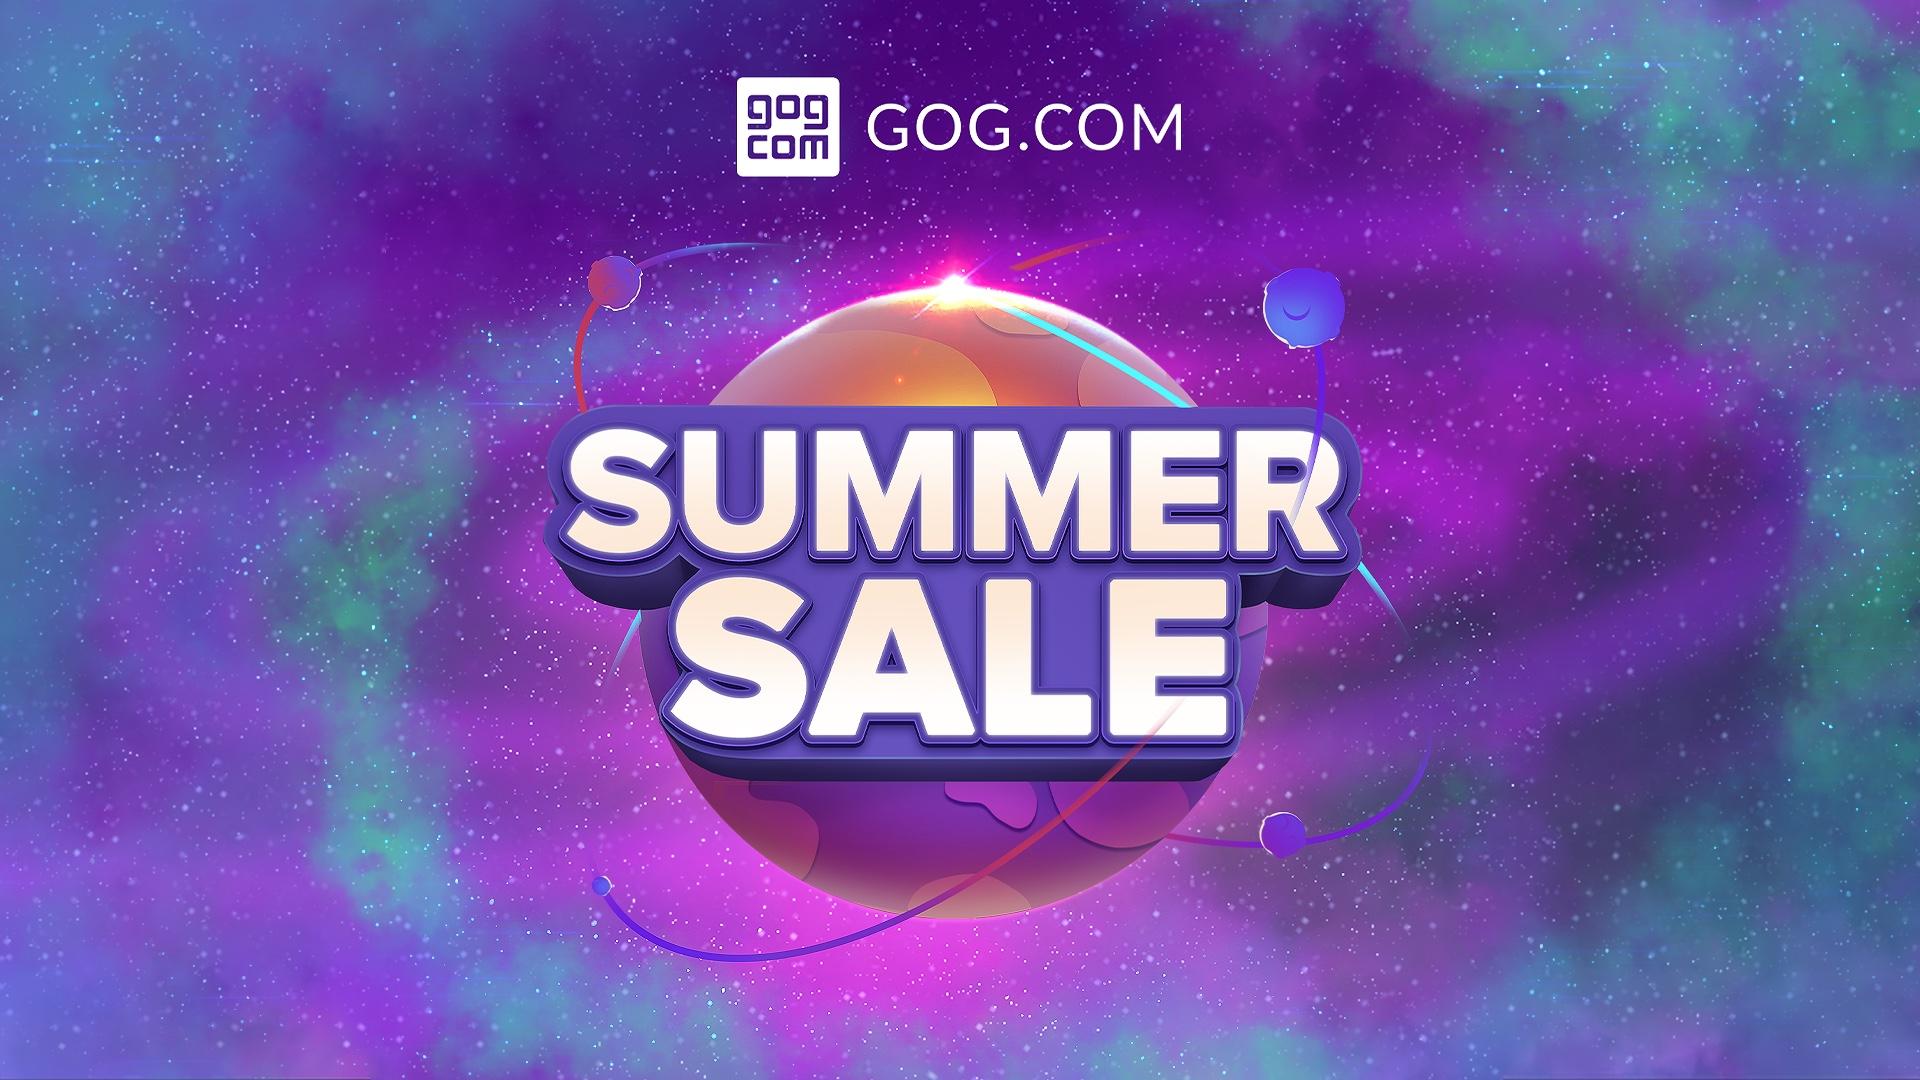 GOG's Summer Sale is hot hot hot > NAG - NAG